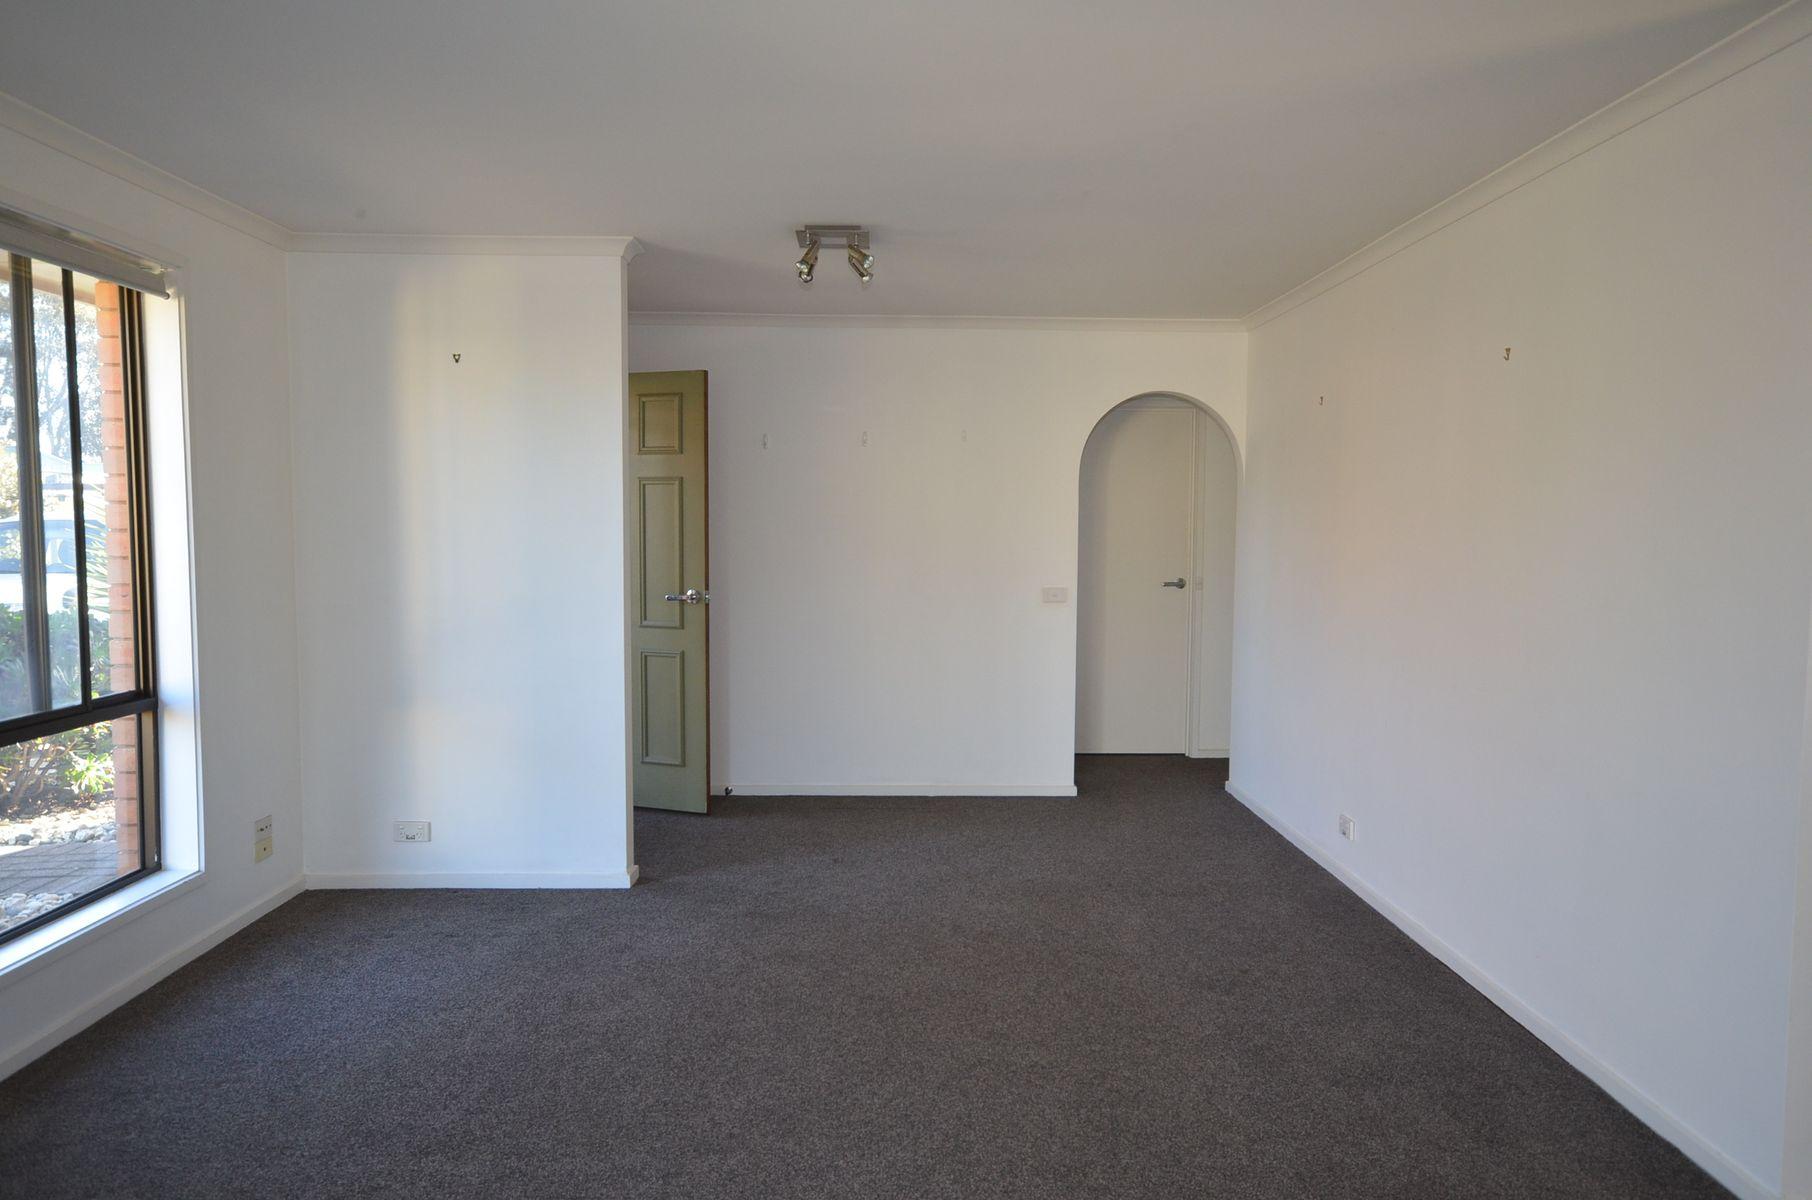 1/371 Napier Street, White Hills, VIC 3550